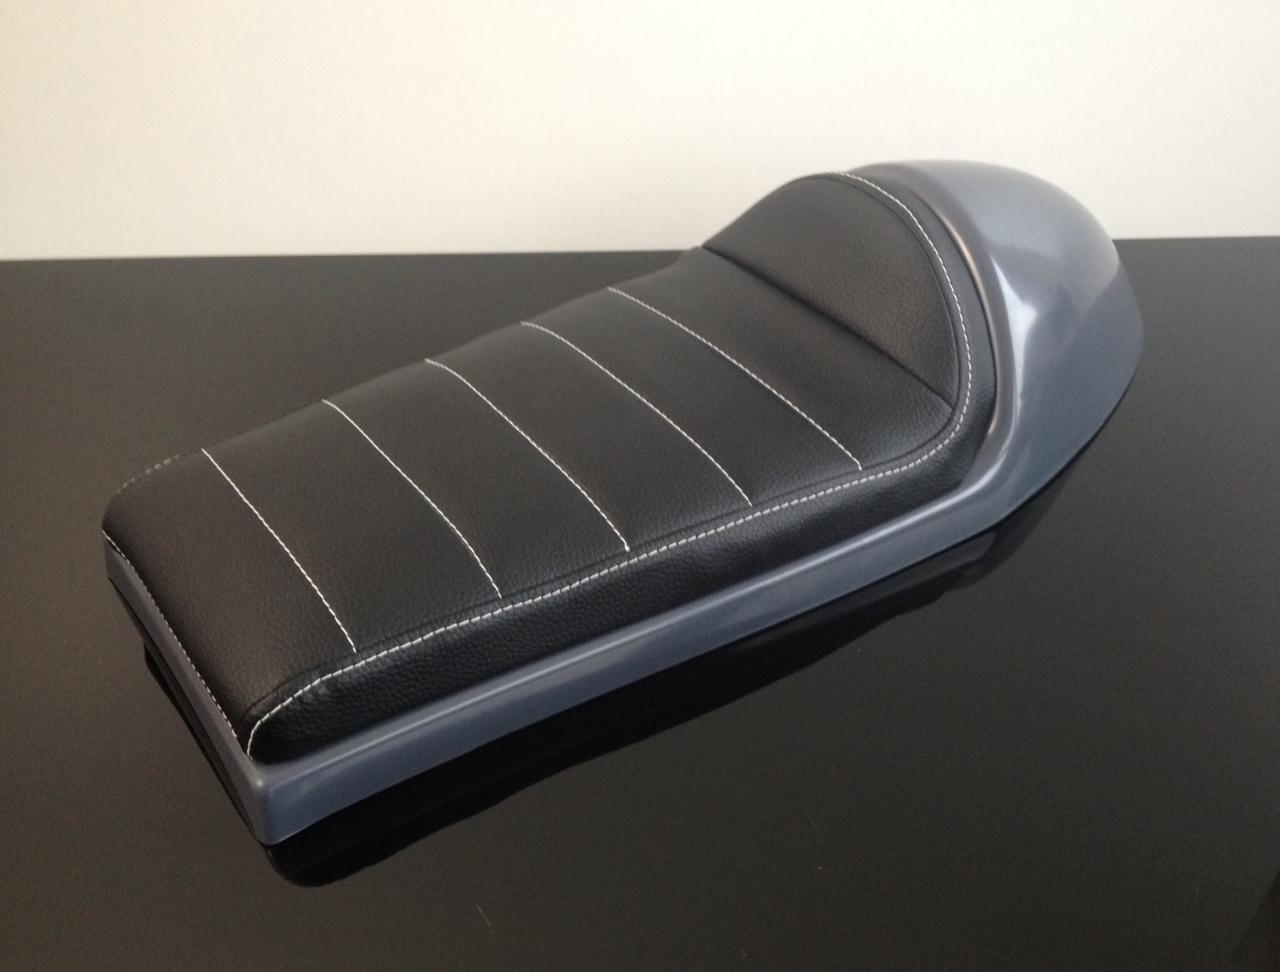 cafe racer sitzbank h ckersitzbank schwarz wei e n hte. Black Bedroom Furniture Sets. Home Design Ideas